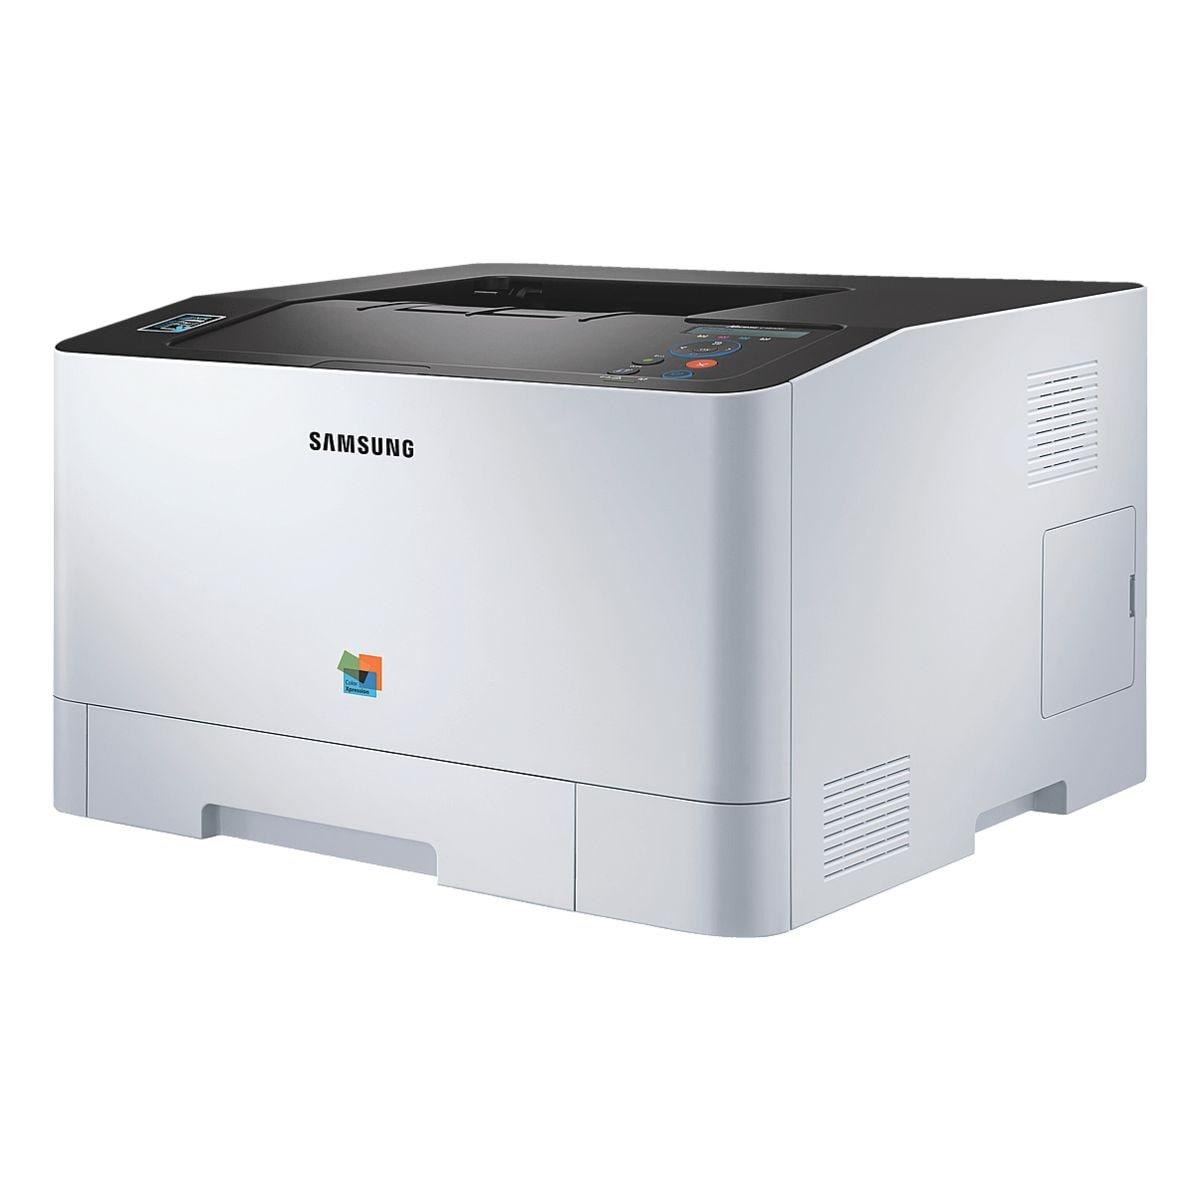 samsung xpress c1810w laserdrucker a4 farb laserdrucker 600 x 600 dpi mit wlan und lan bei. Black Bedroom Furniture Sets. Home Design Ideas